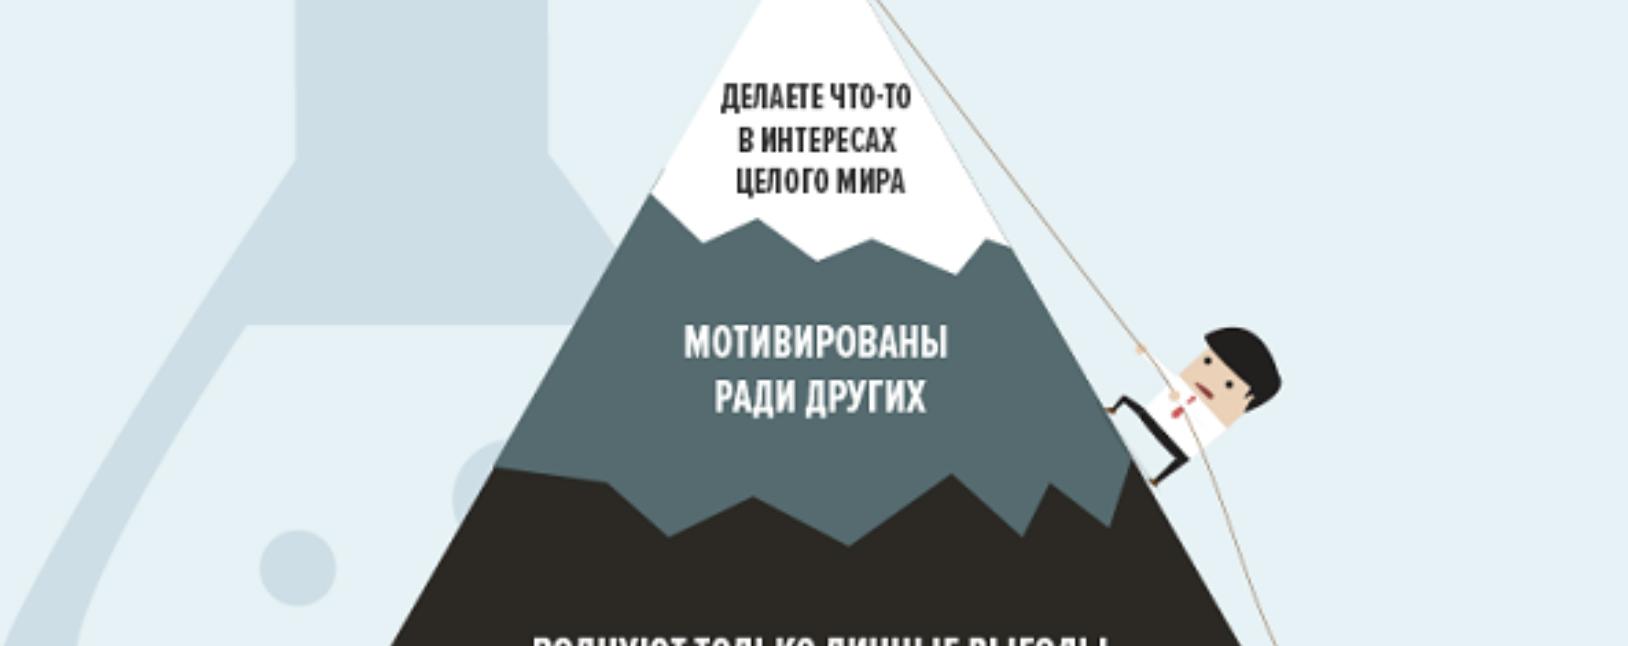 Развитие мотивации: инструкция, как довести начатое до конца